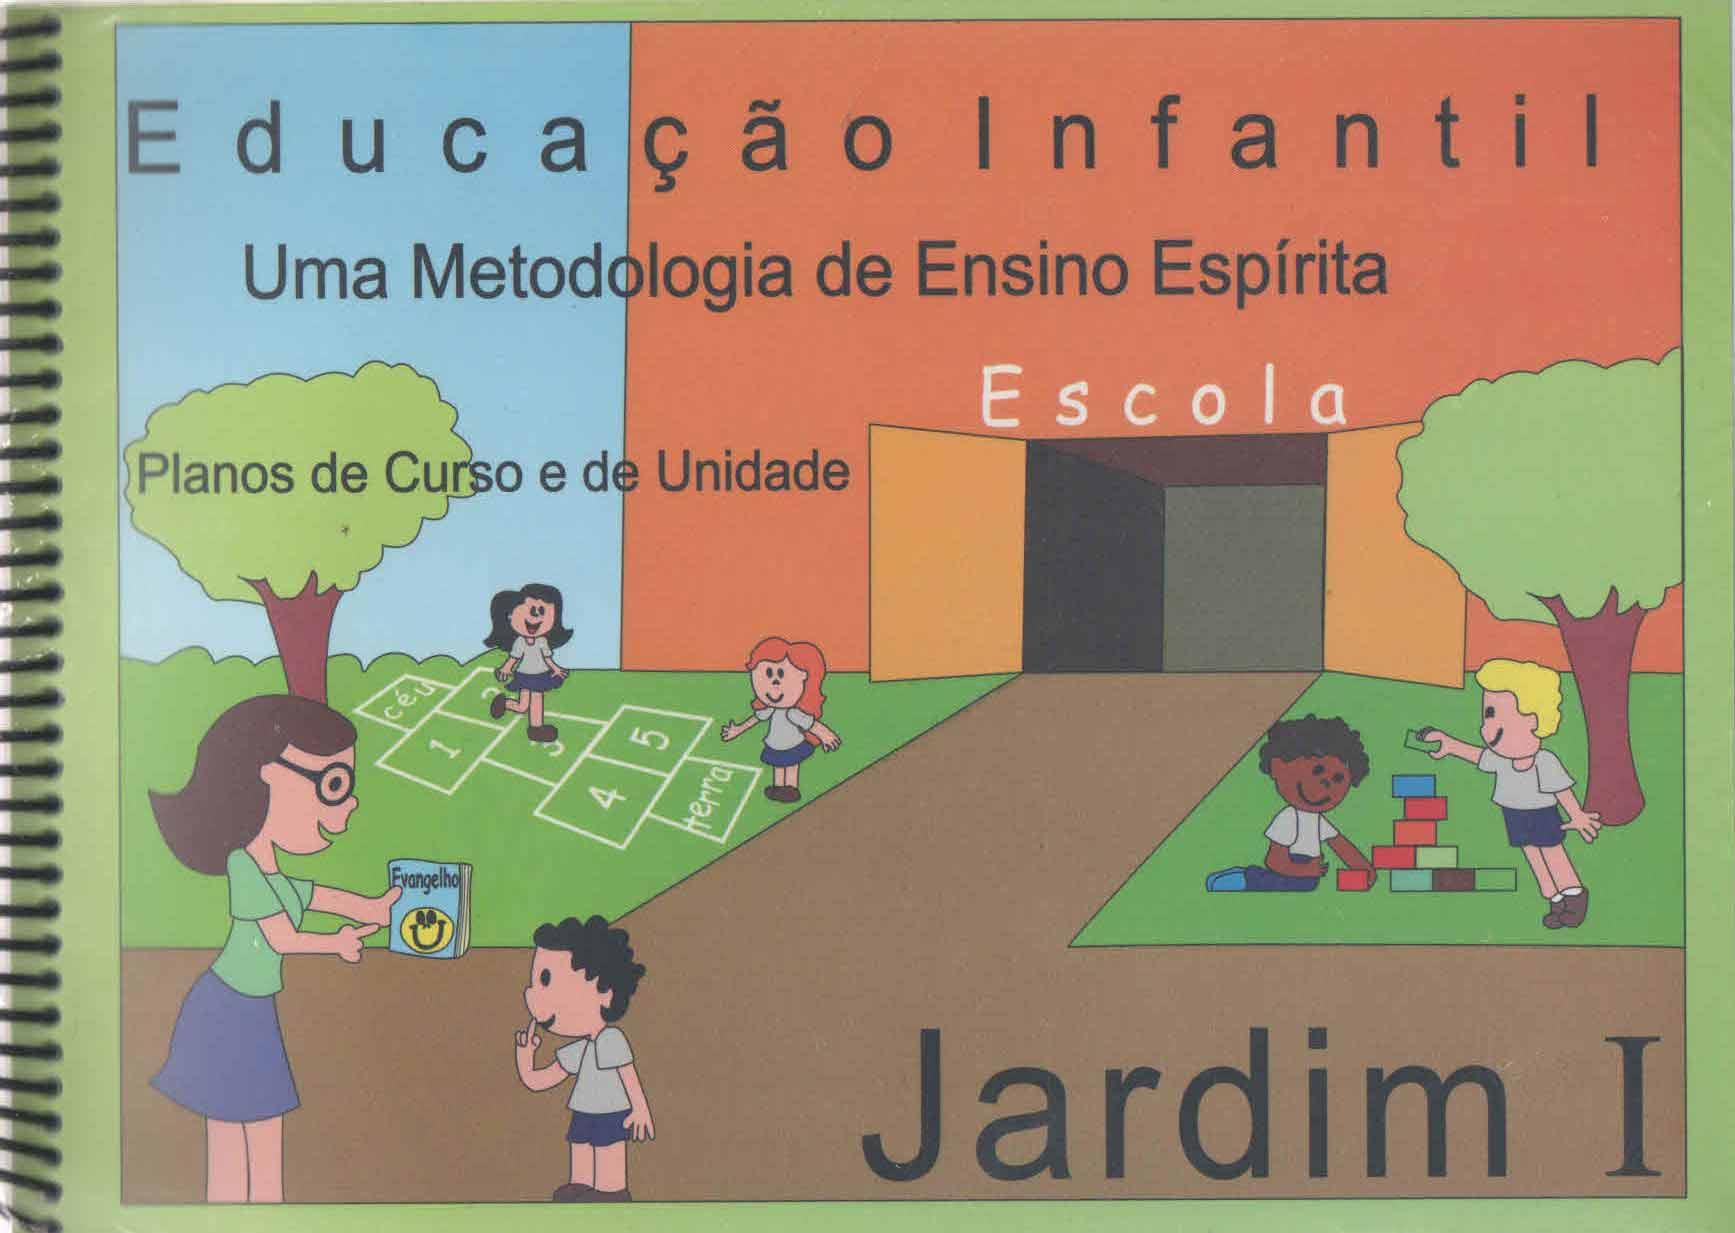 PLANO DE CURSO ESCOLA ESPÍRITA - JARDIM I